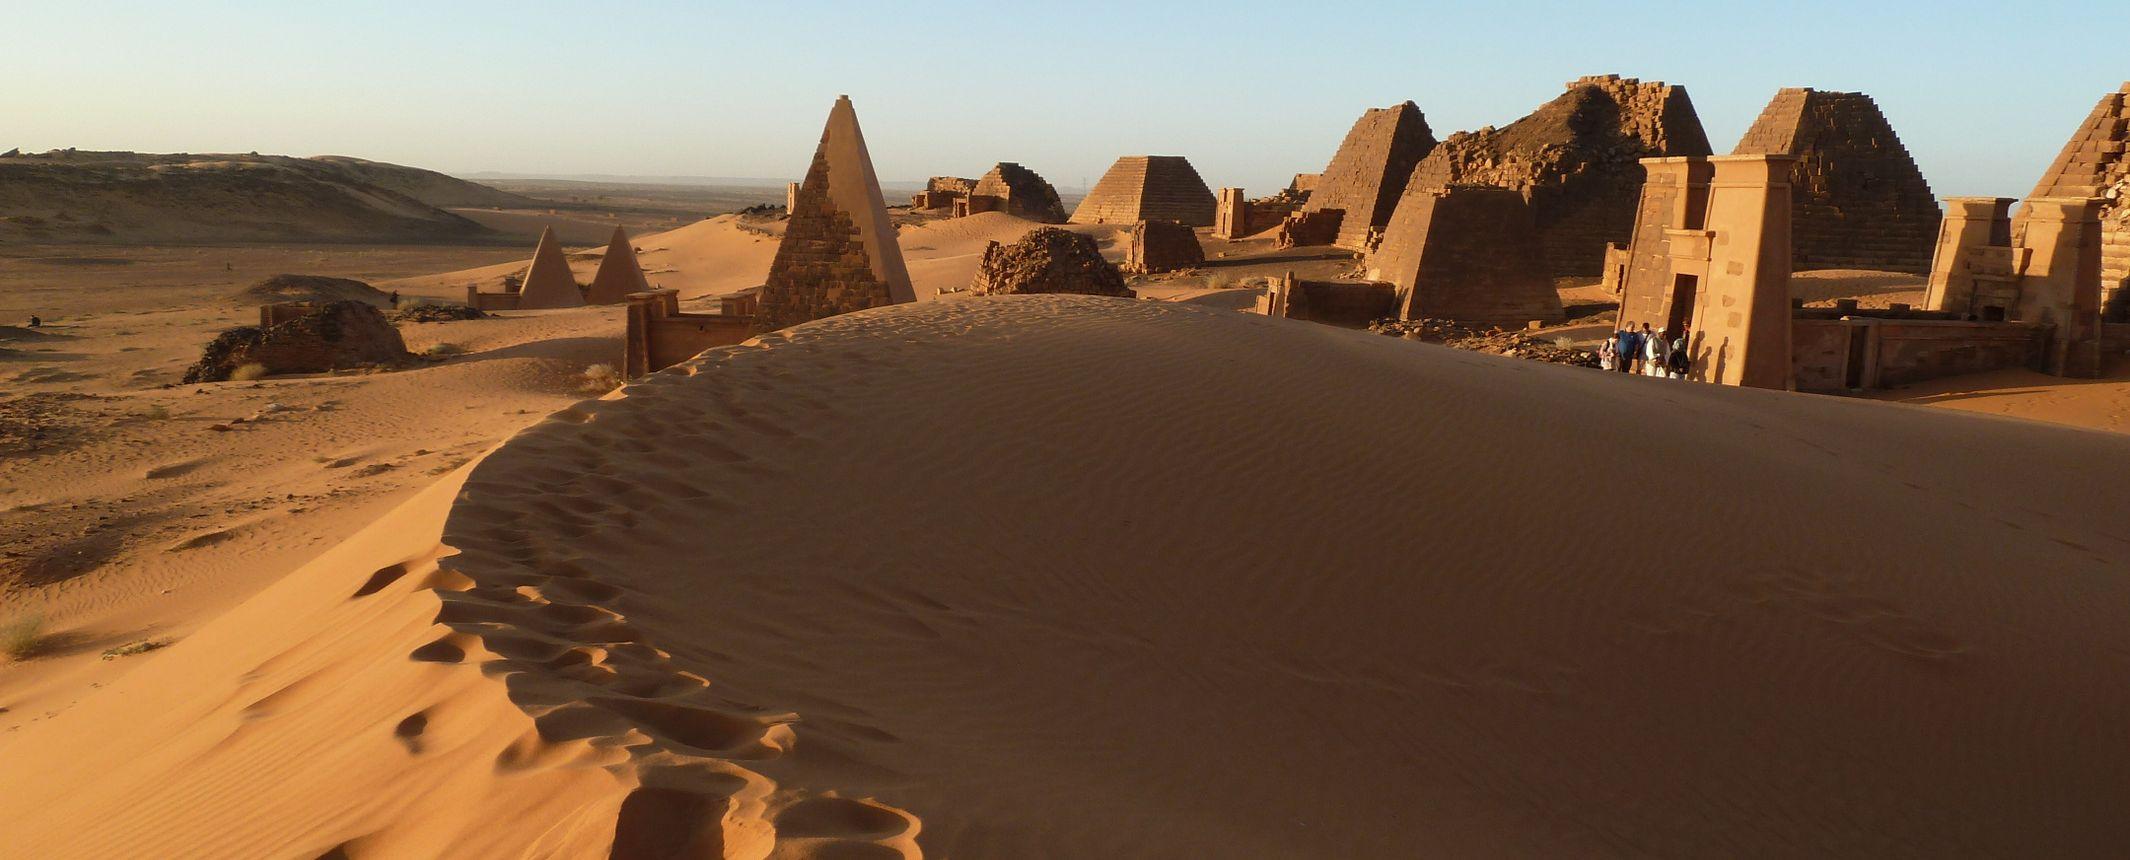 TESOROS ESCONDIDOS Las riquezas arqueológicas de Nubia, siguiendo el curso del Nilo desde Khartoum. Autor foto: David Ballester